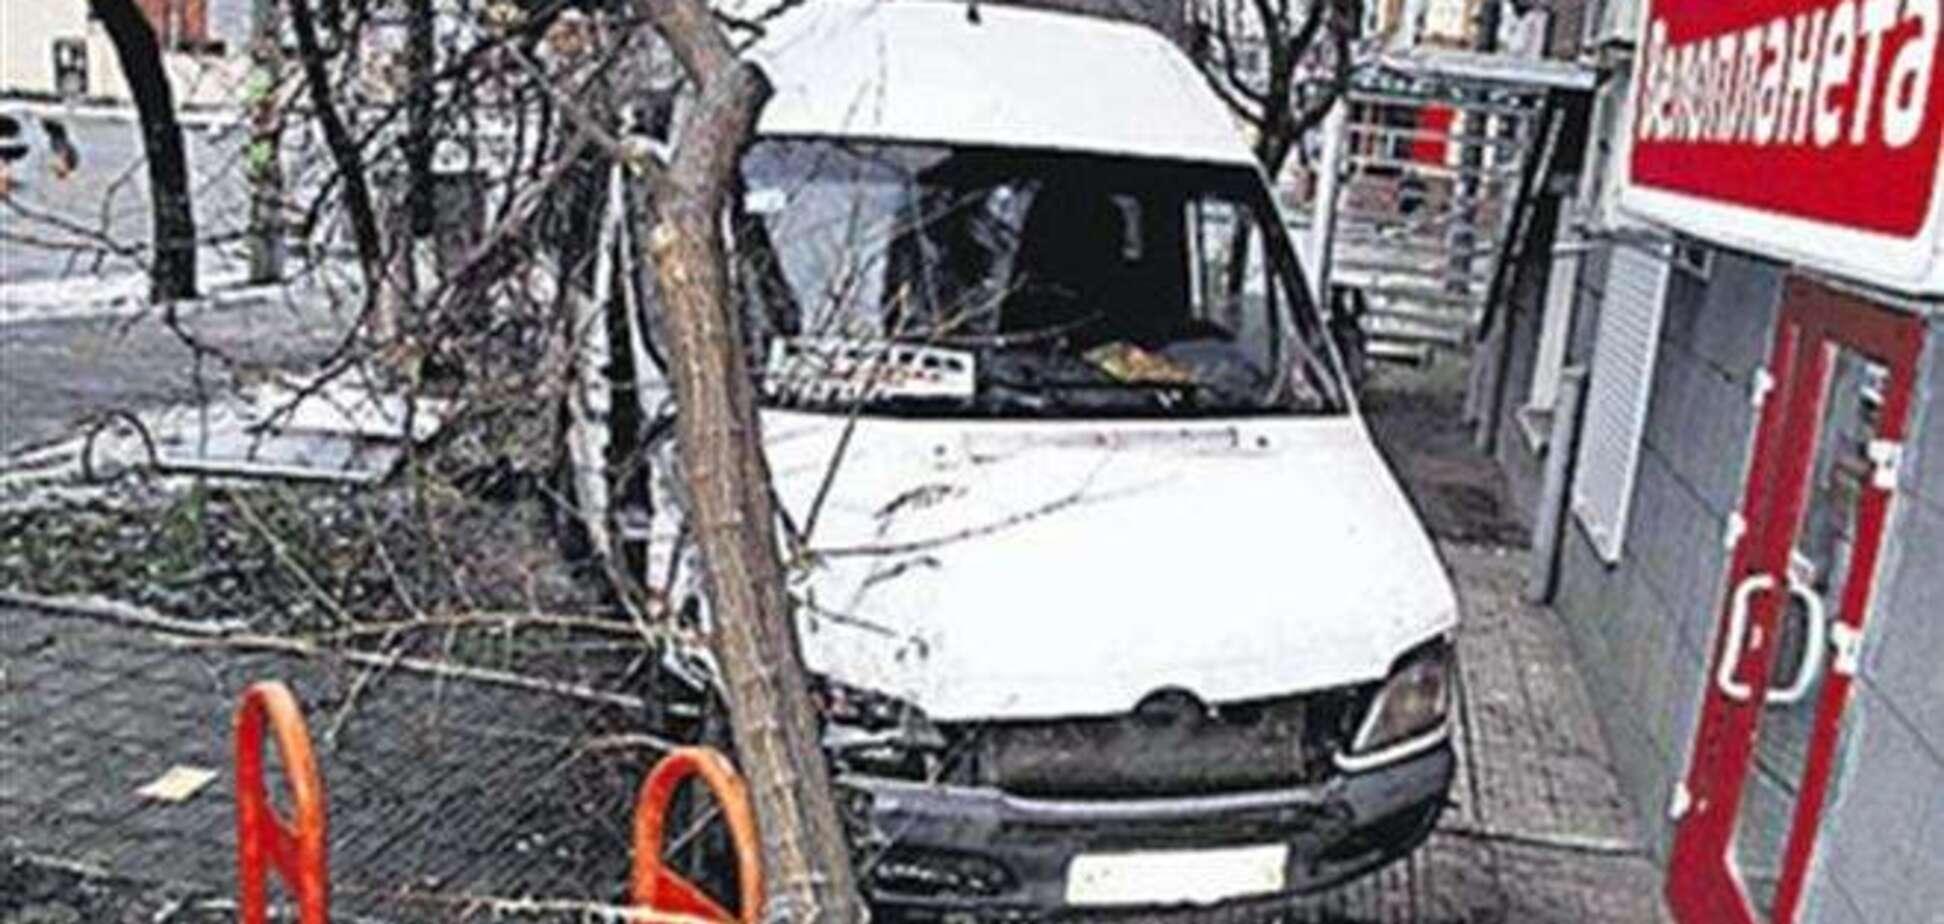 Таксі врізалося в маршрутку в Києві